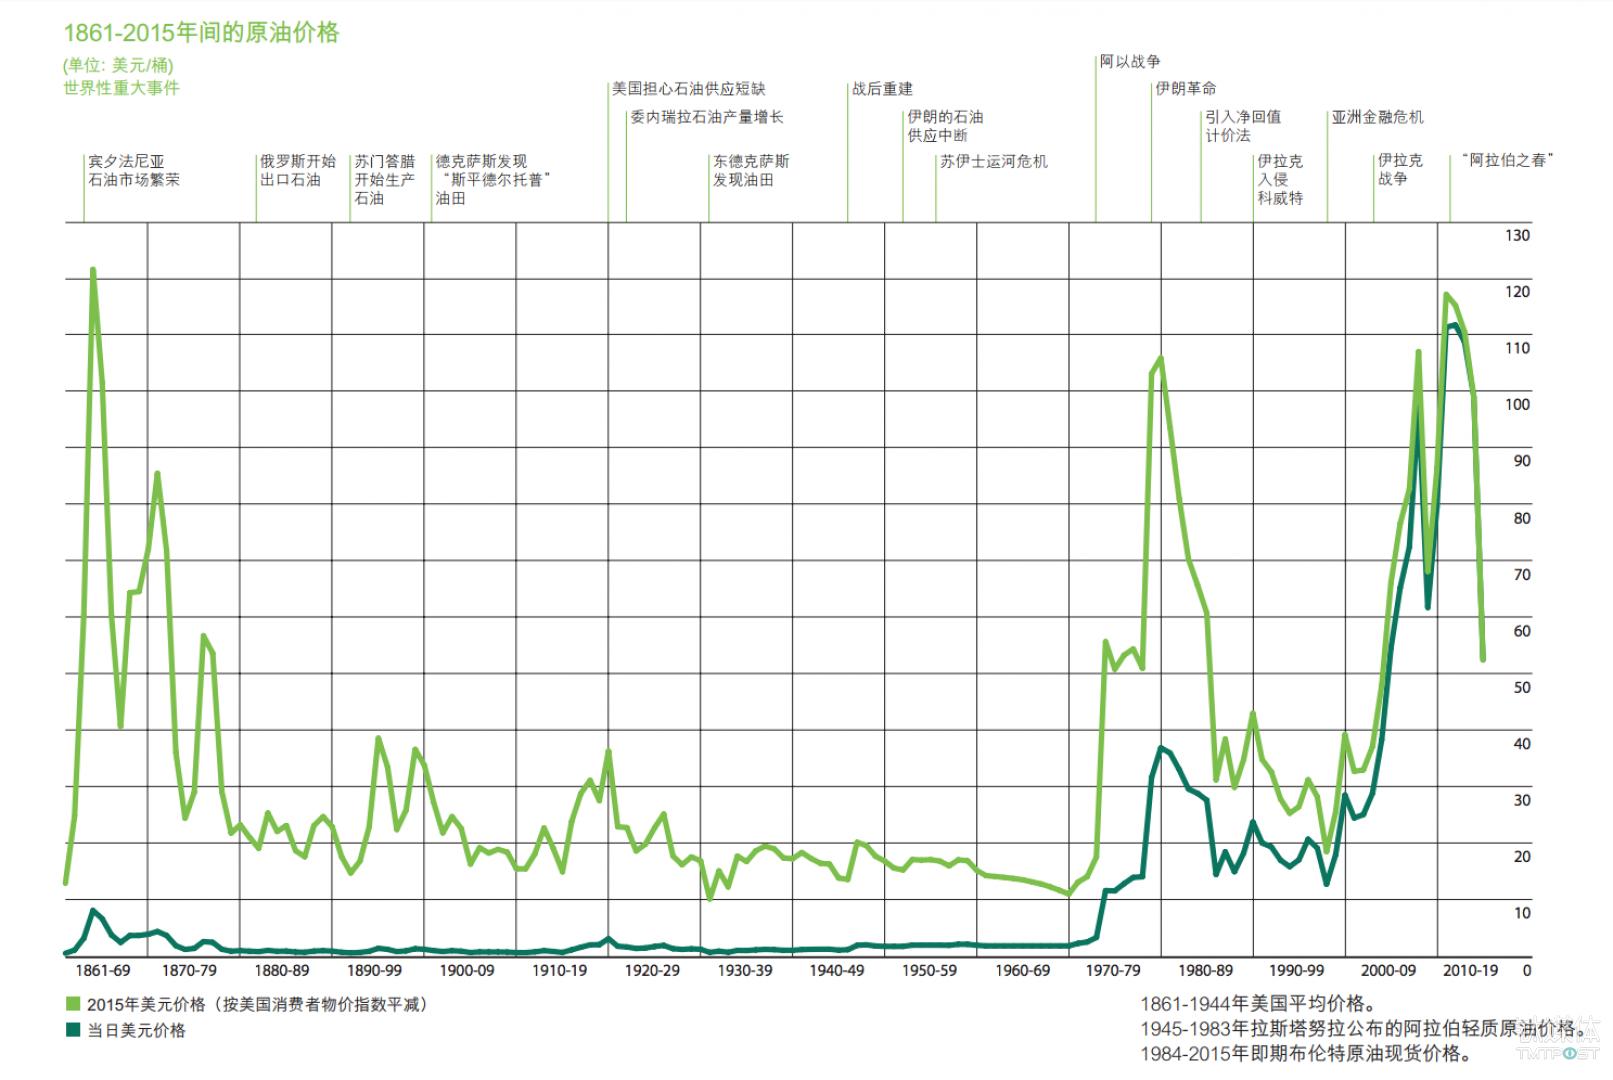 1861-2015年间的原油价格变化趋势 来源:《BP世界能源统计年鉴》2016版